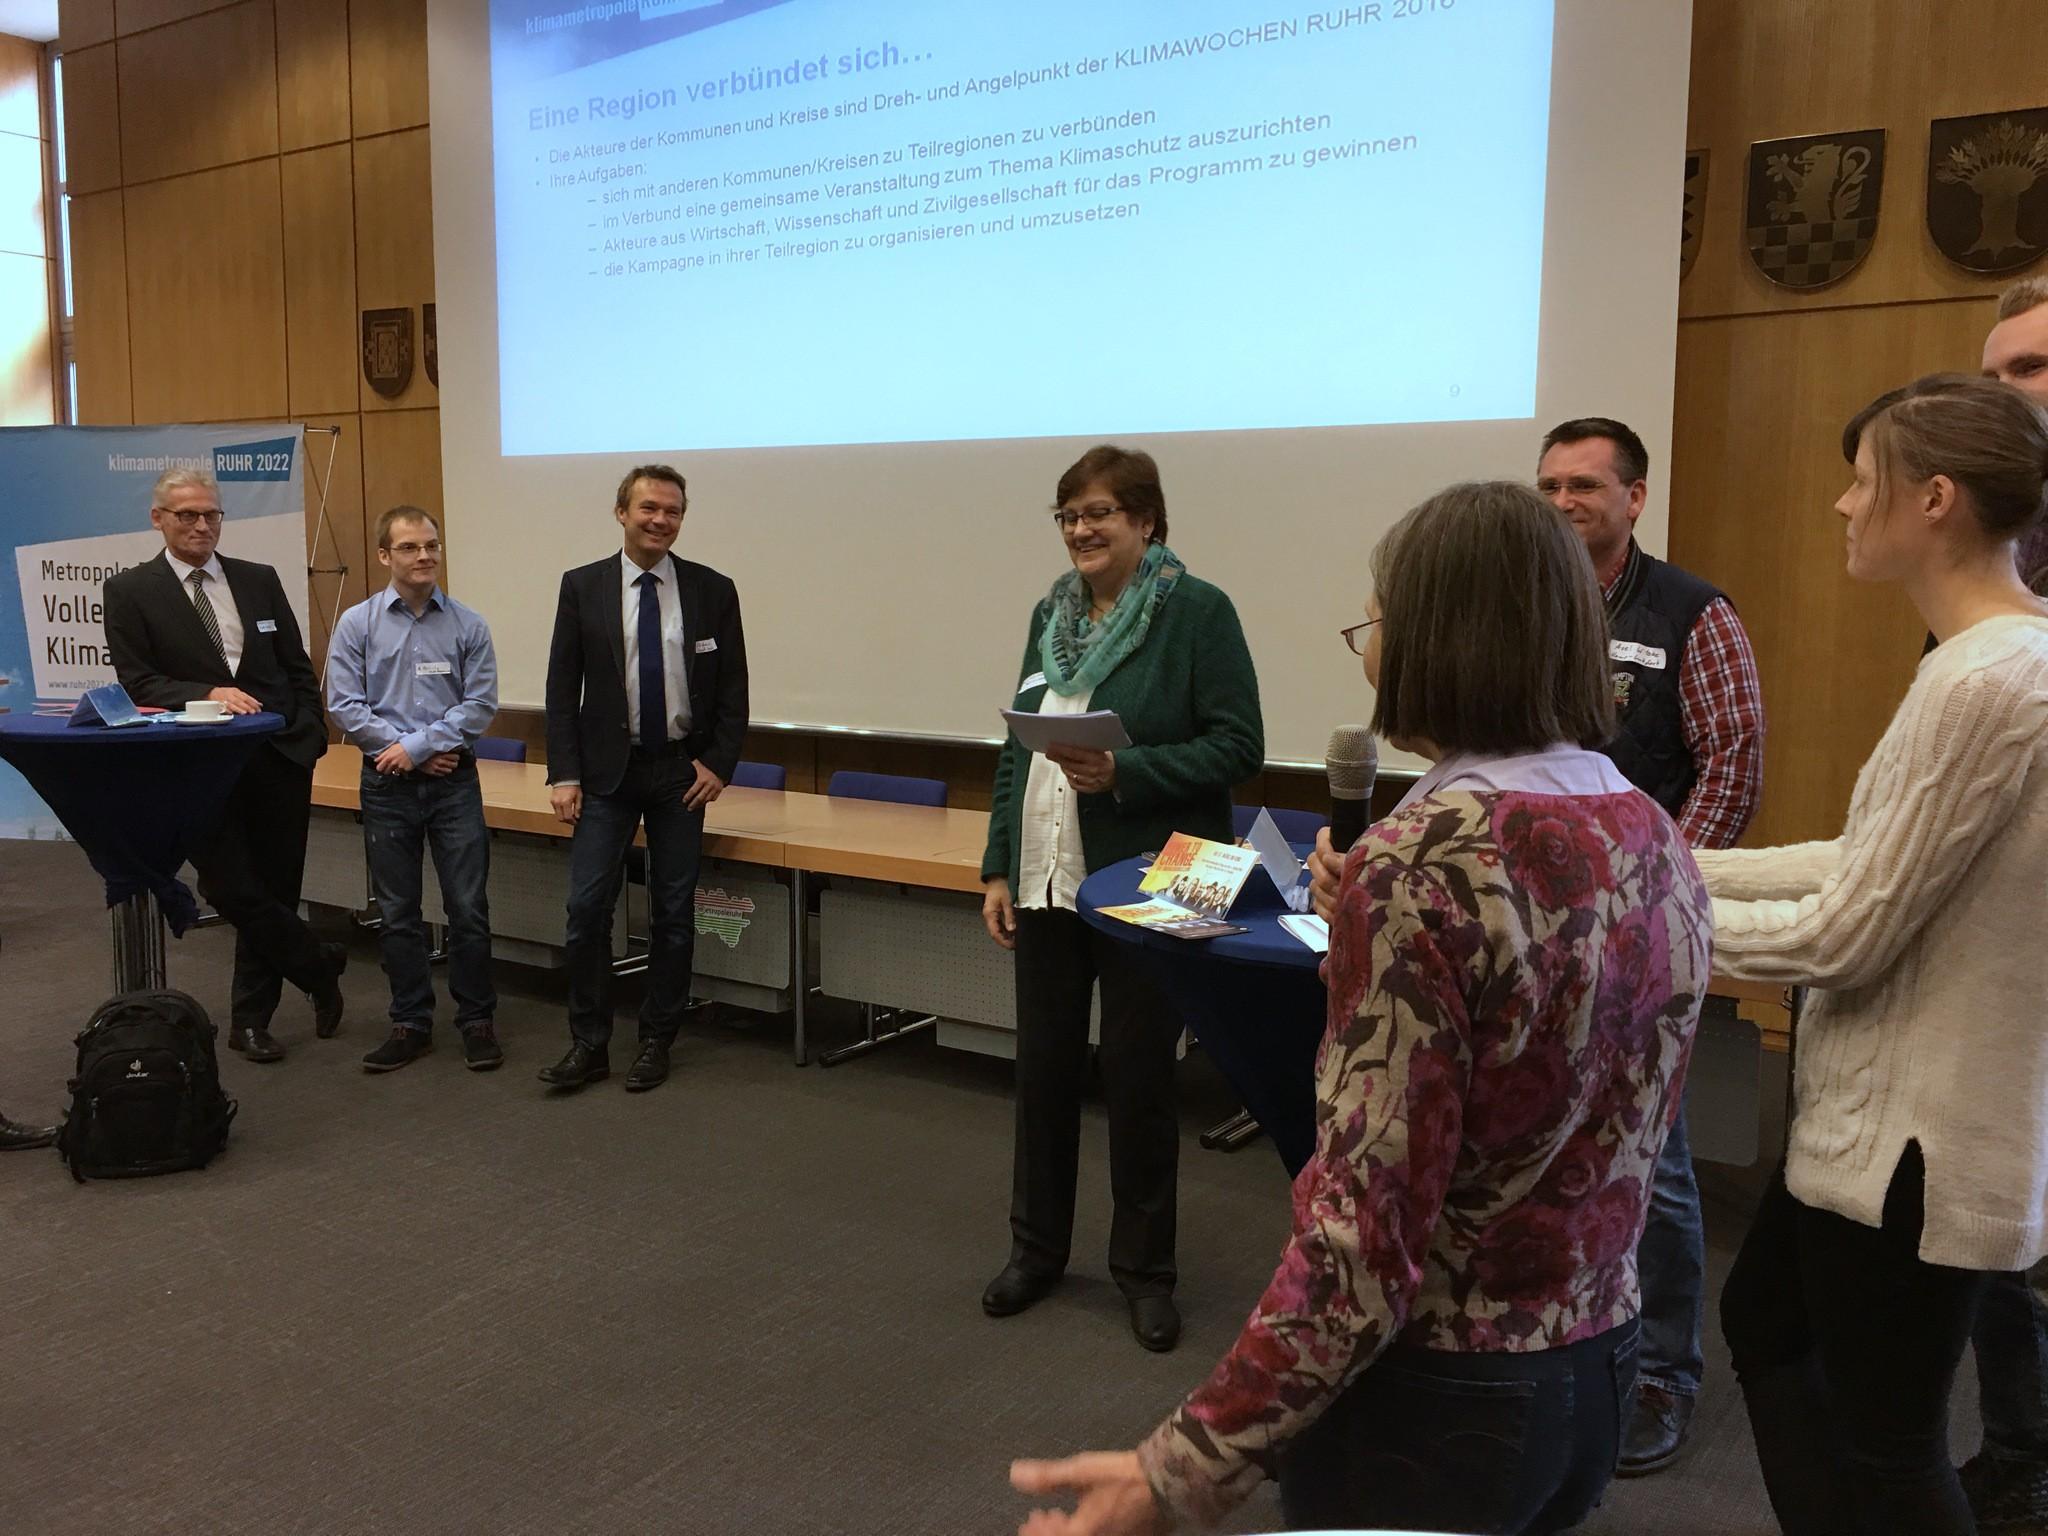 VLNR: Die Vertreter vom rechtsrheinischen und linksrheinischen Kreis Wesel